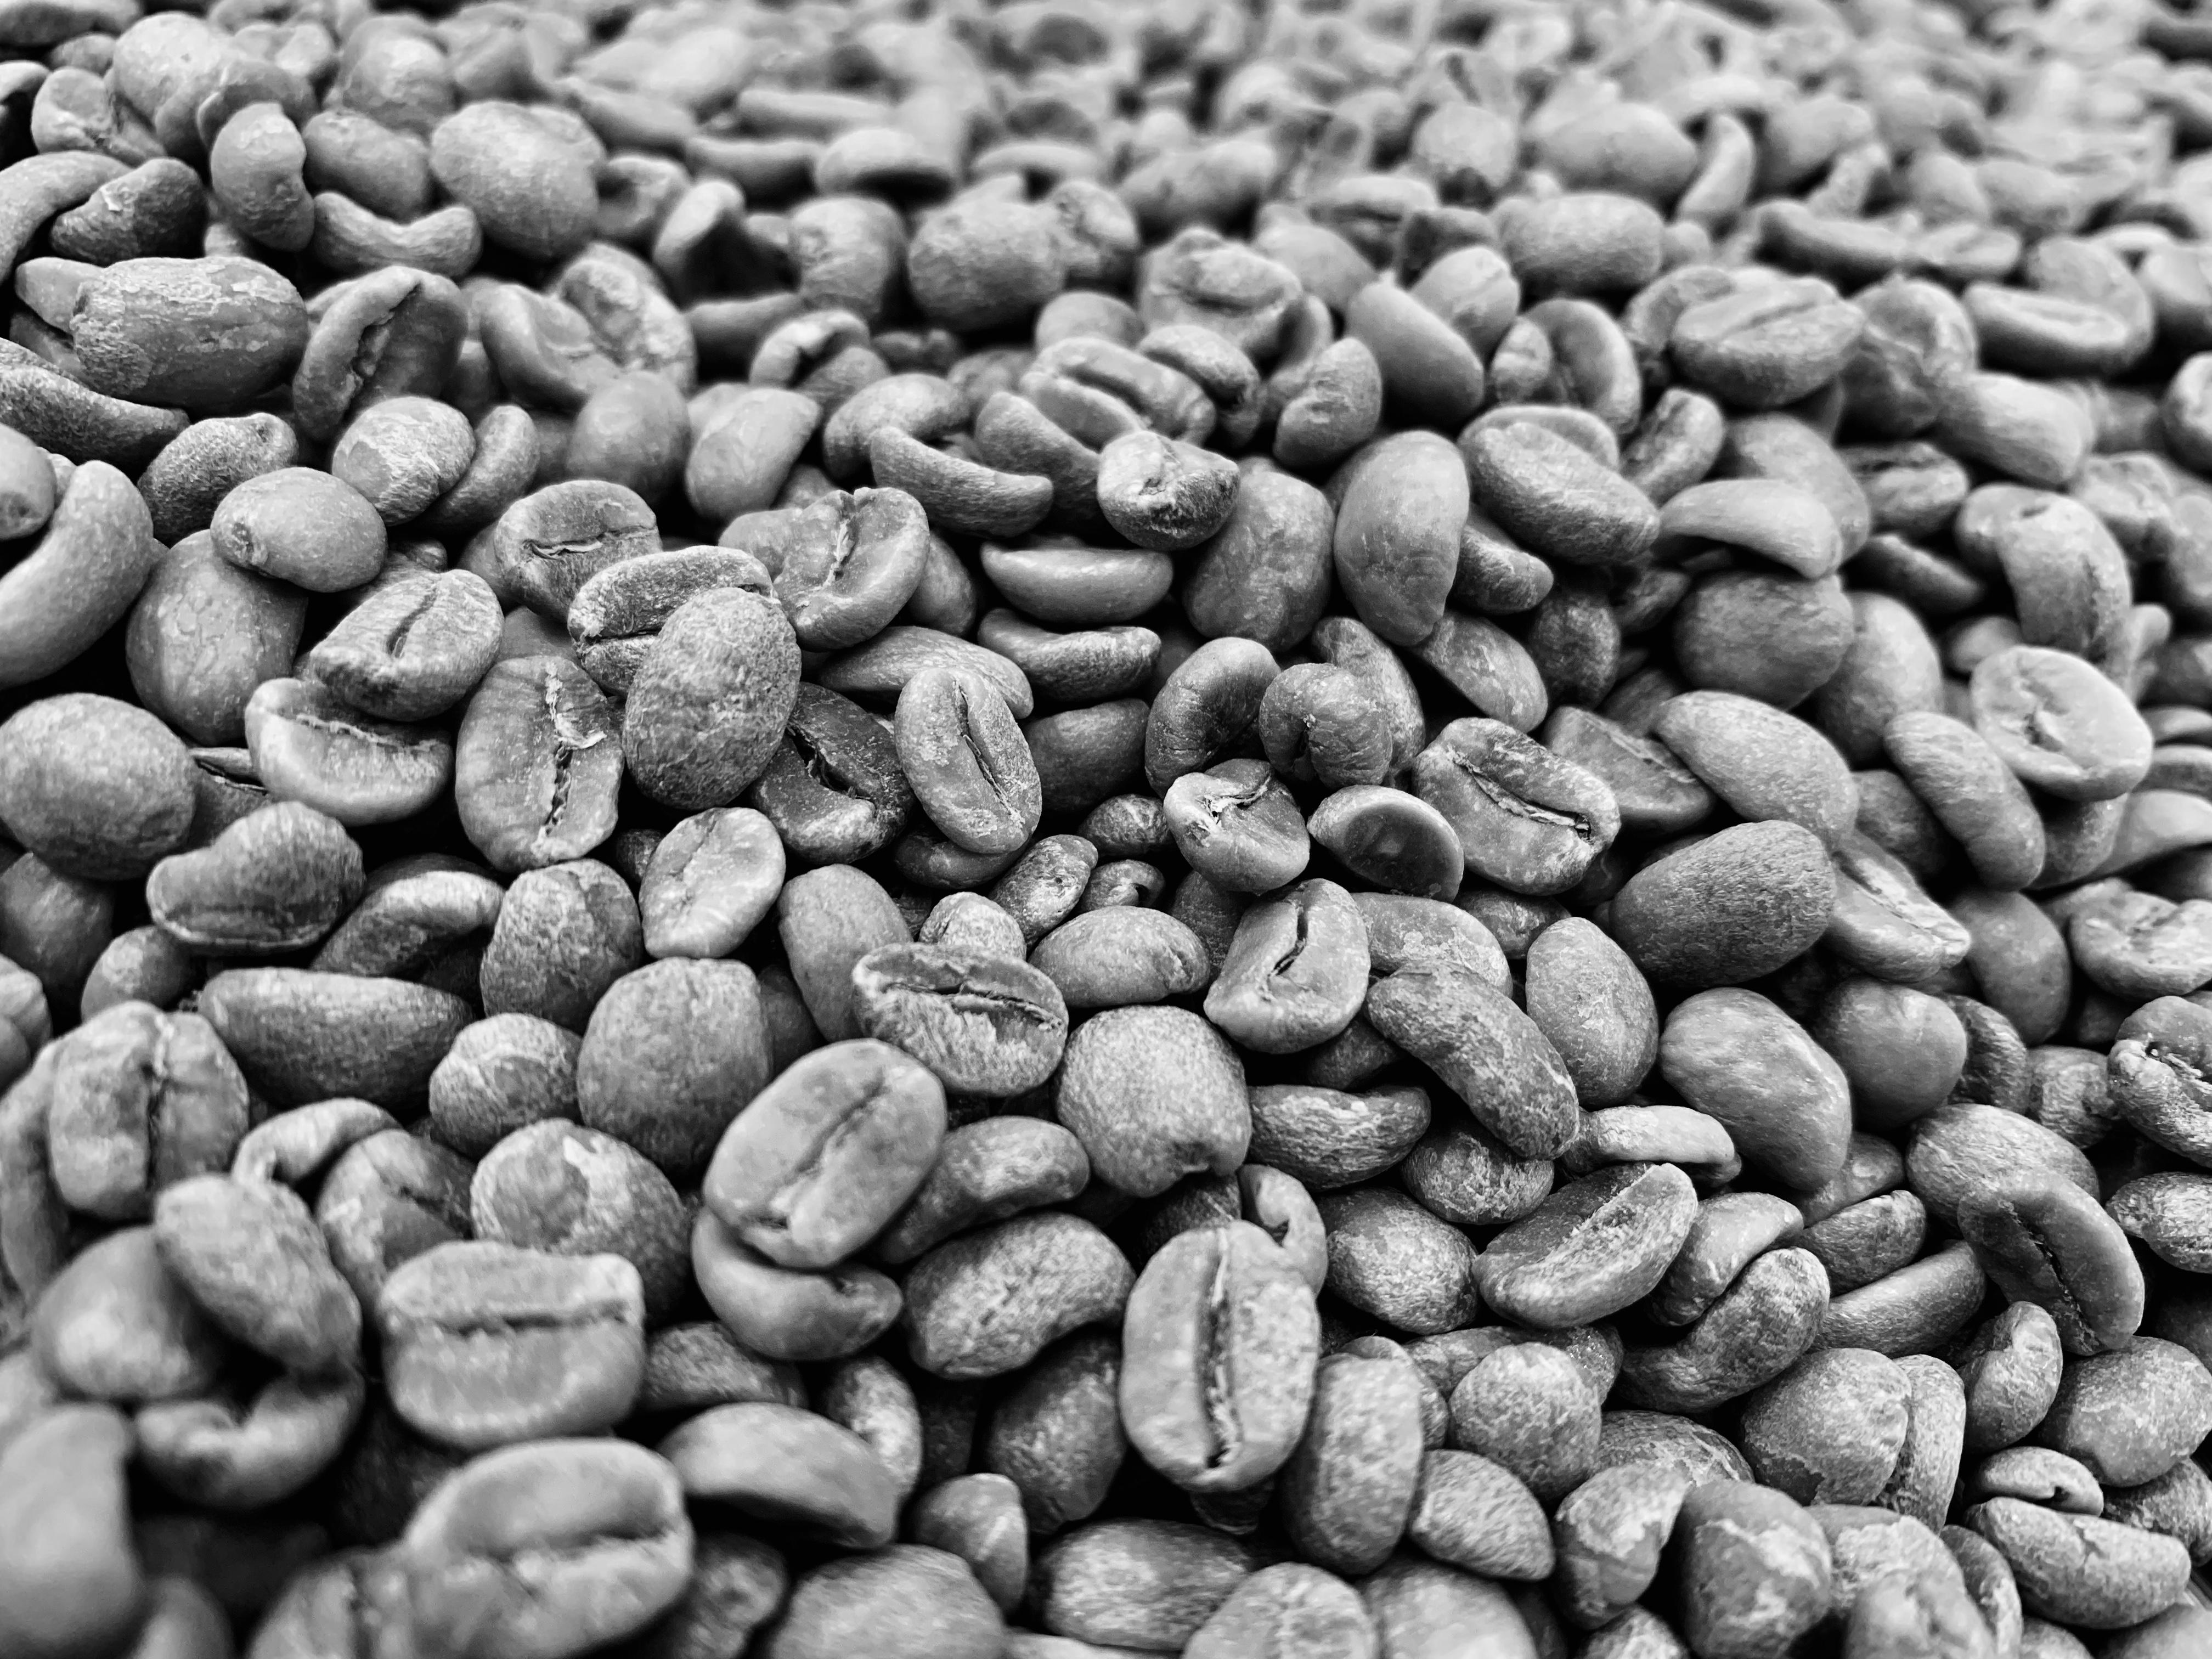 ごつごつしたコーヒー豆はやっぱり不味いのか?